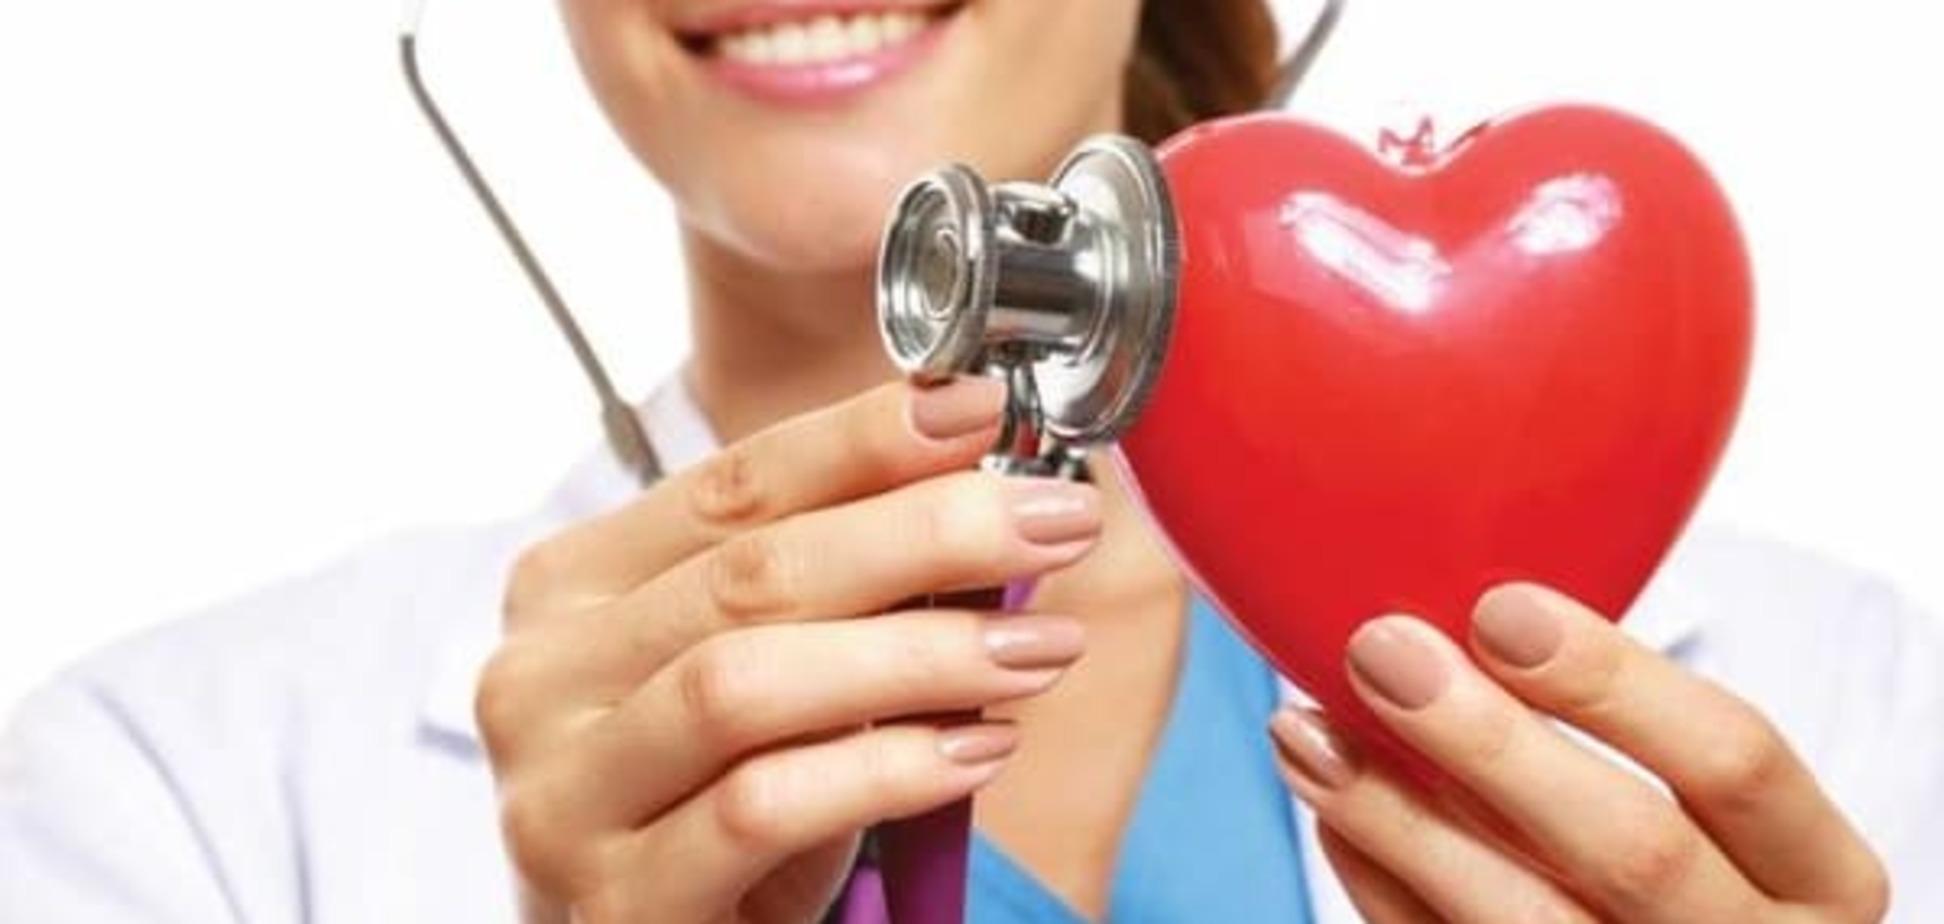 Серце кіборга: українські кардіохірурги провели десятки унікальних операцій воїнам АТО. Відеофакт